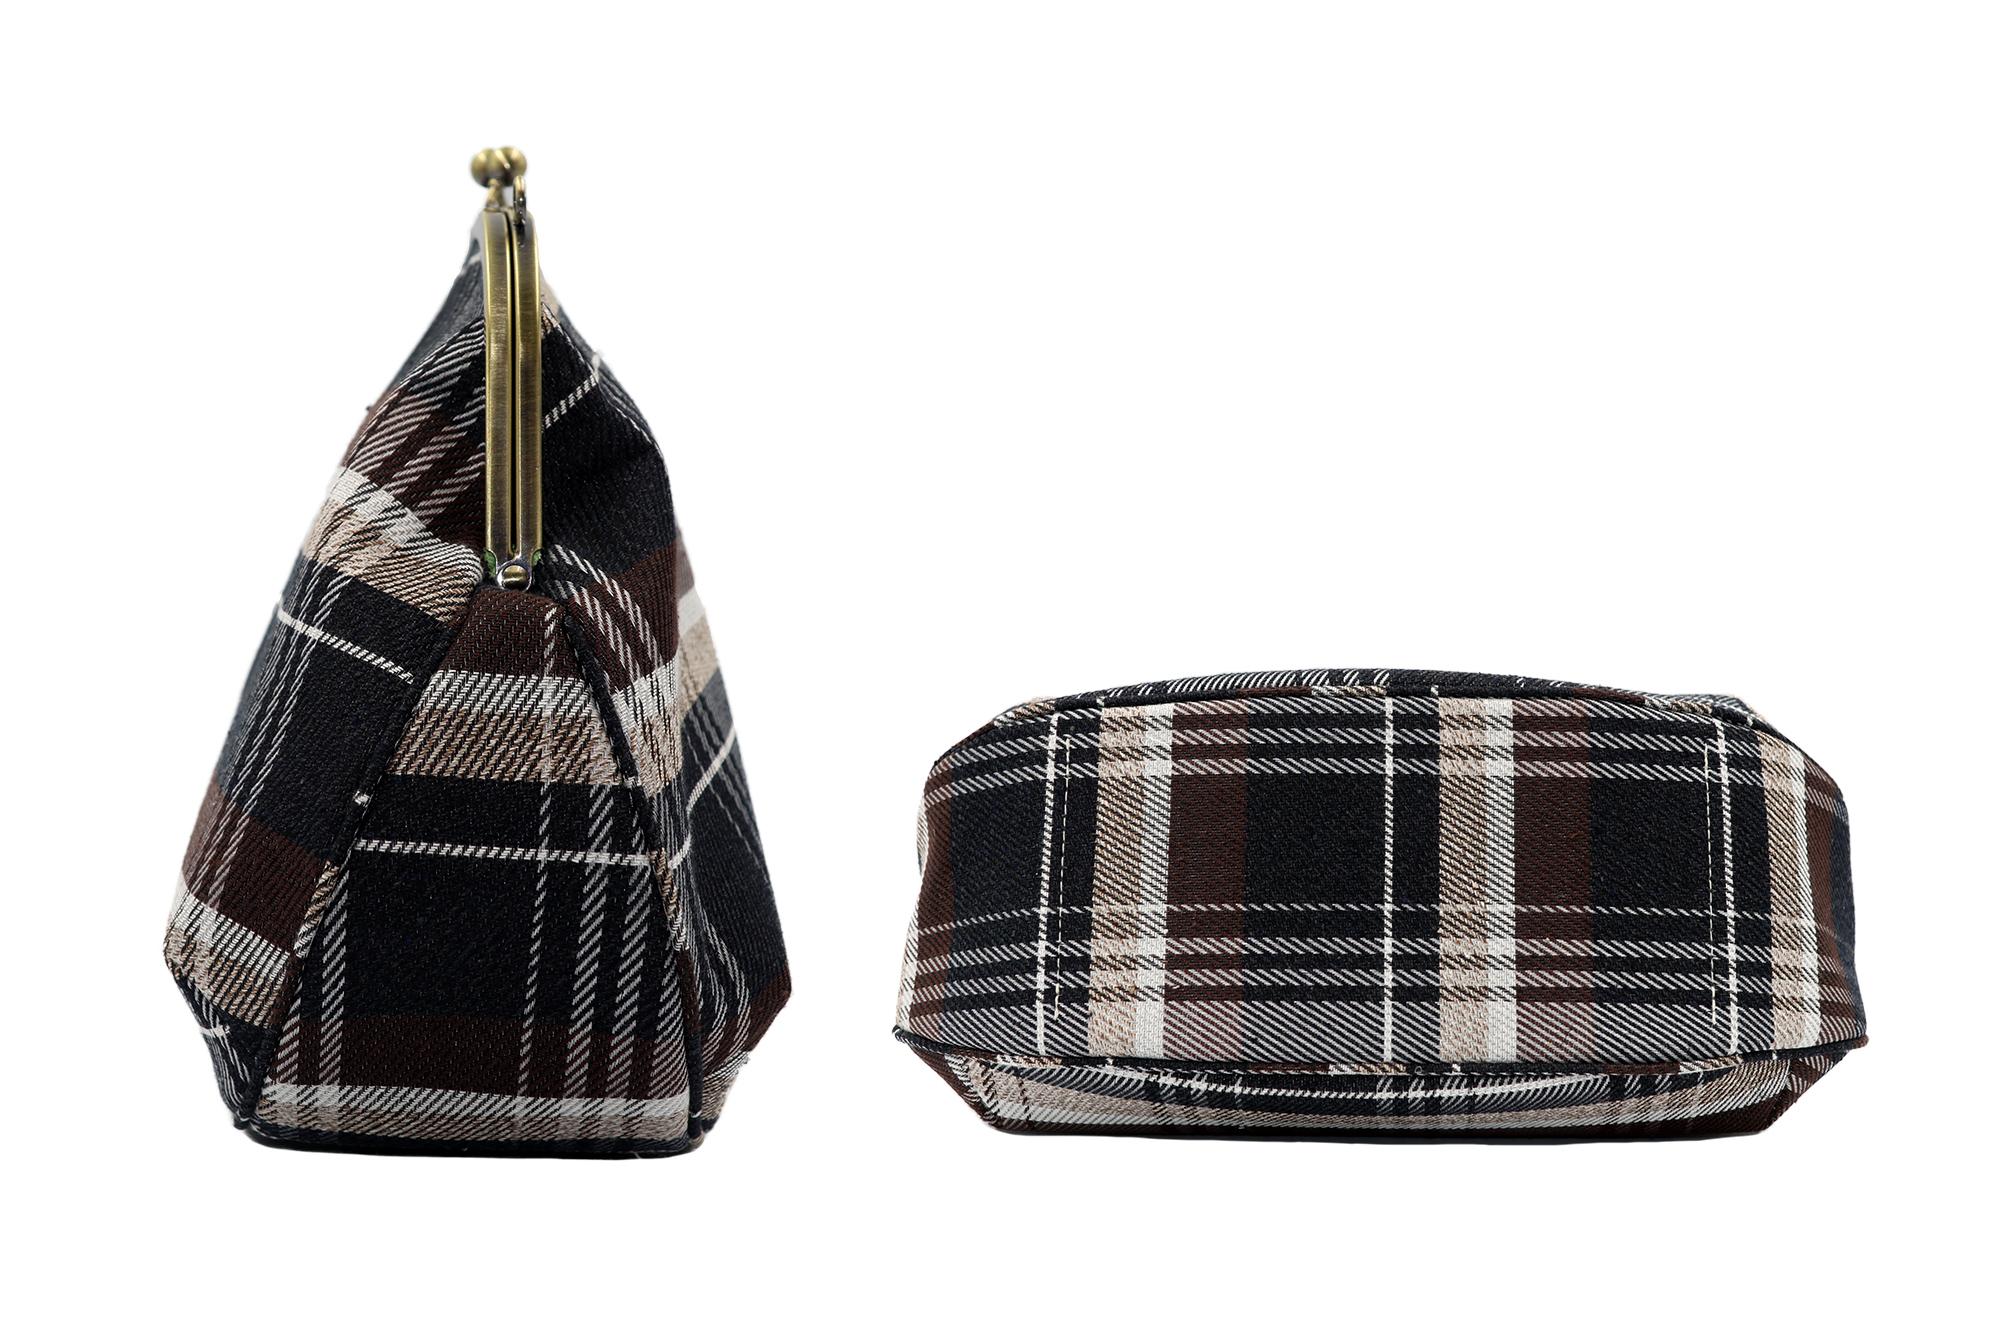 Atelier Kyoto Nishijin/撥水加工・西陣織シルクネップ・がまぐちポシェット・メランジチェック・日本製